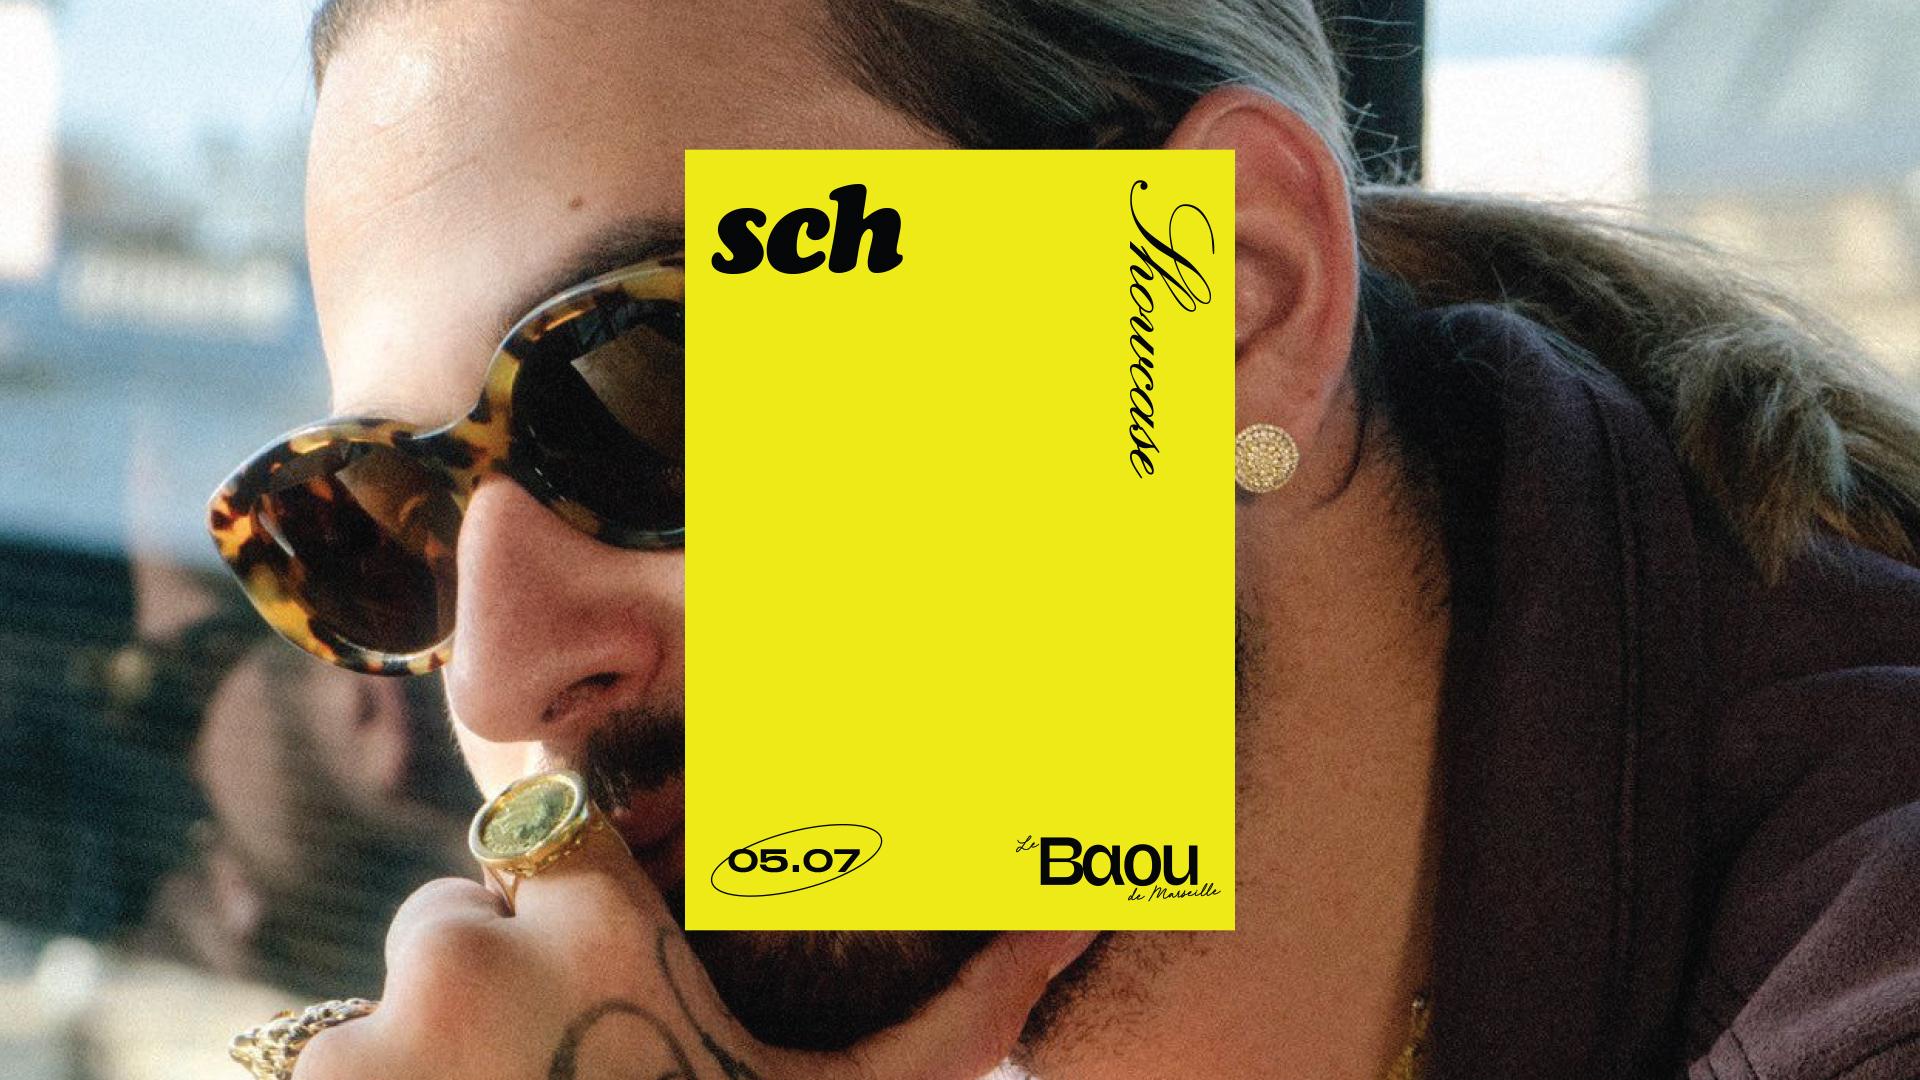 Baou : Showcase SCH